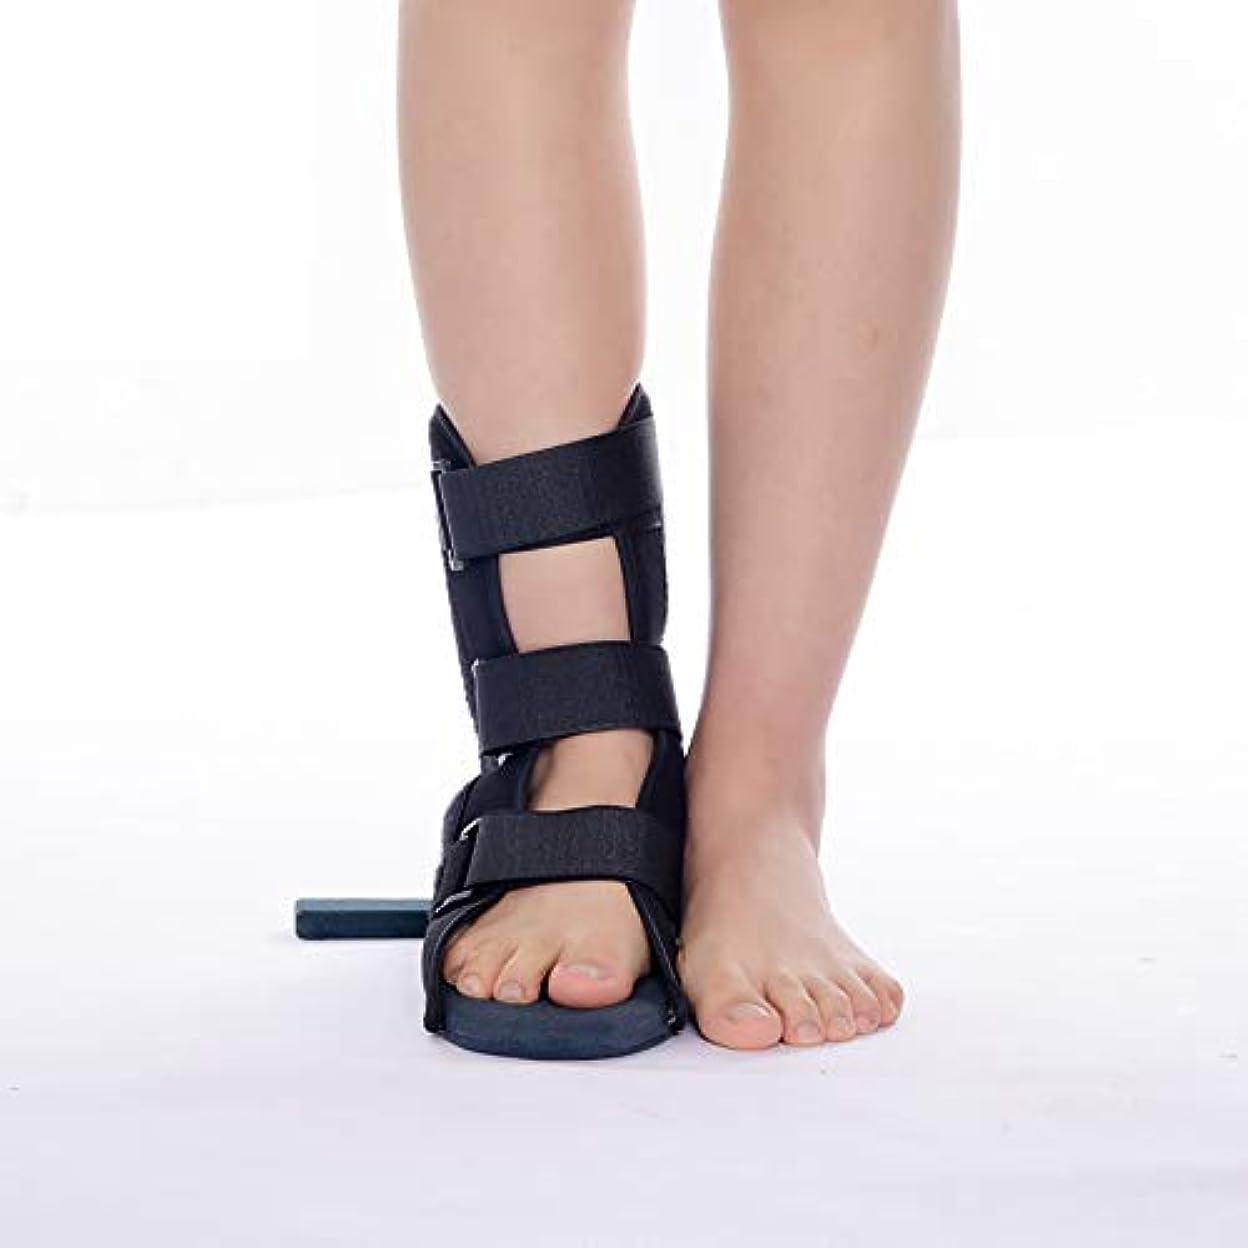 またはピストン慣れている足固定整形外科用靴足ブレースサポート回転防止足首捻挫スタビライザーブーツ用足首関節捻挫骨折リハビリテーション